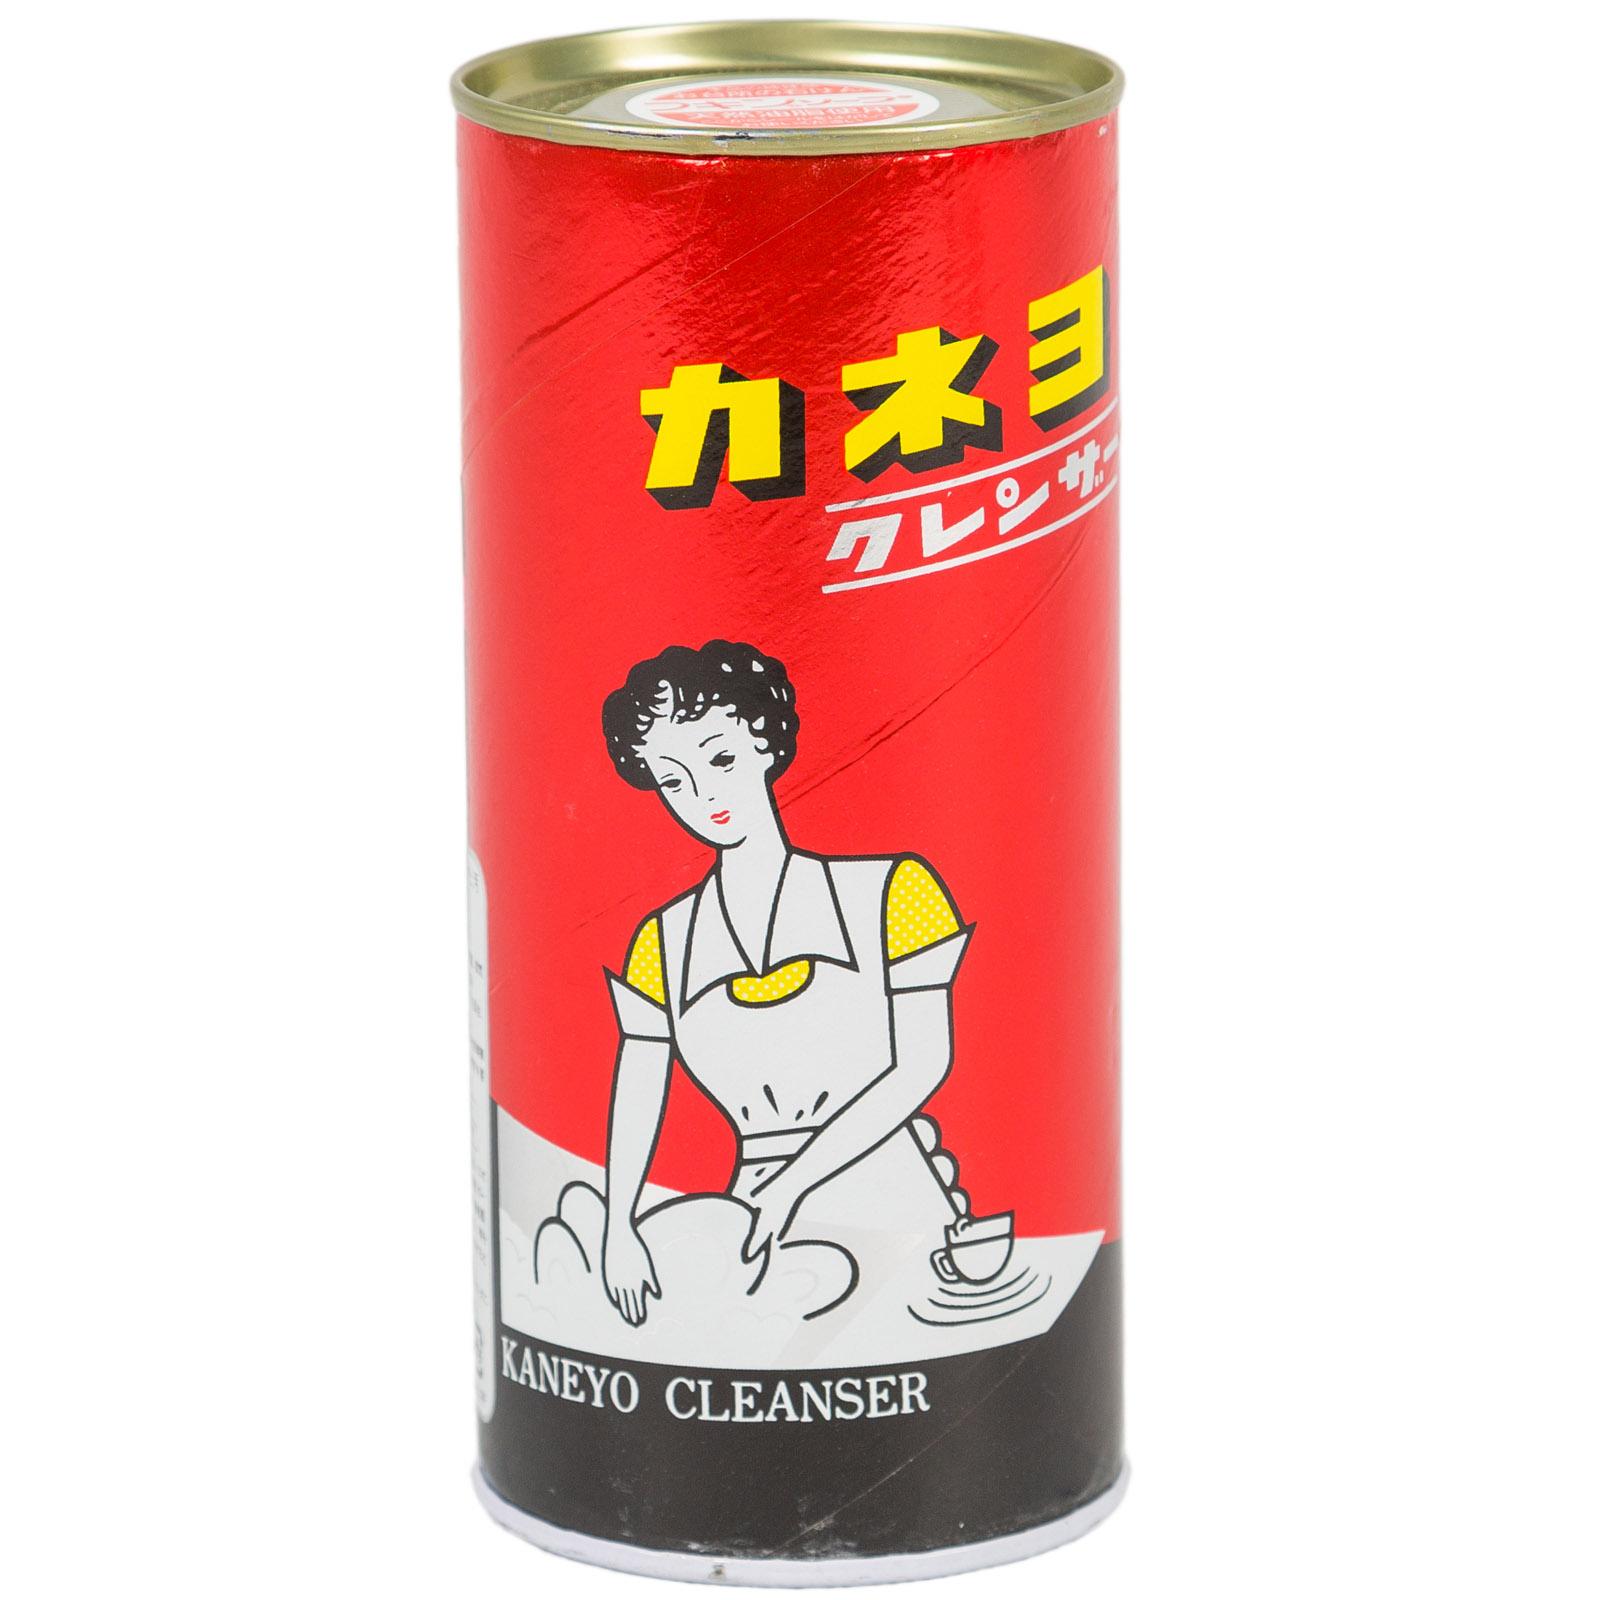 Порошок чистящий Kaneyo для кухни и ванной комнаты 400 гр. Red Cleanser<br>